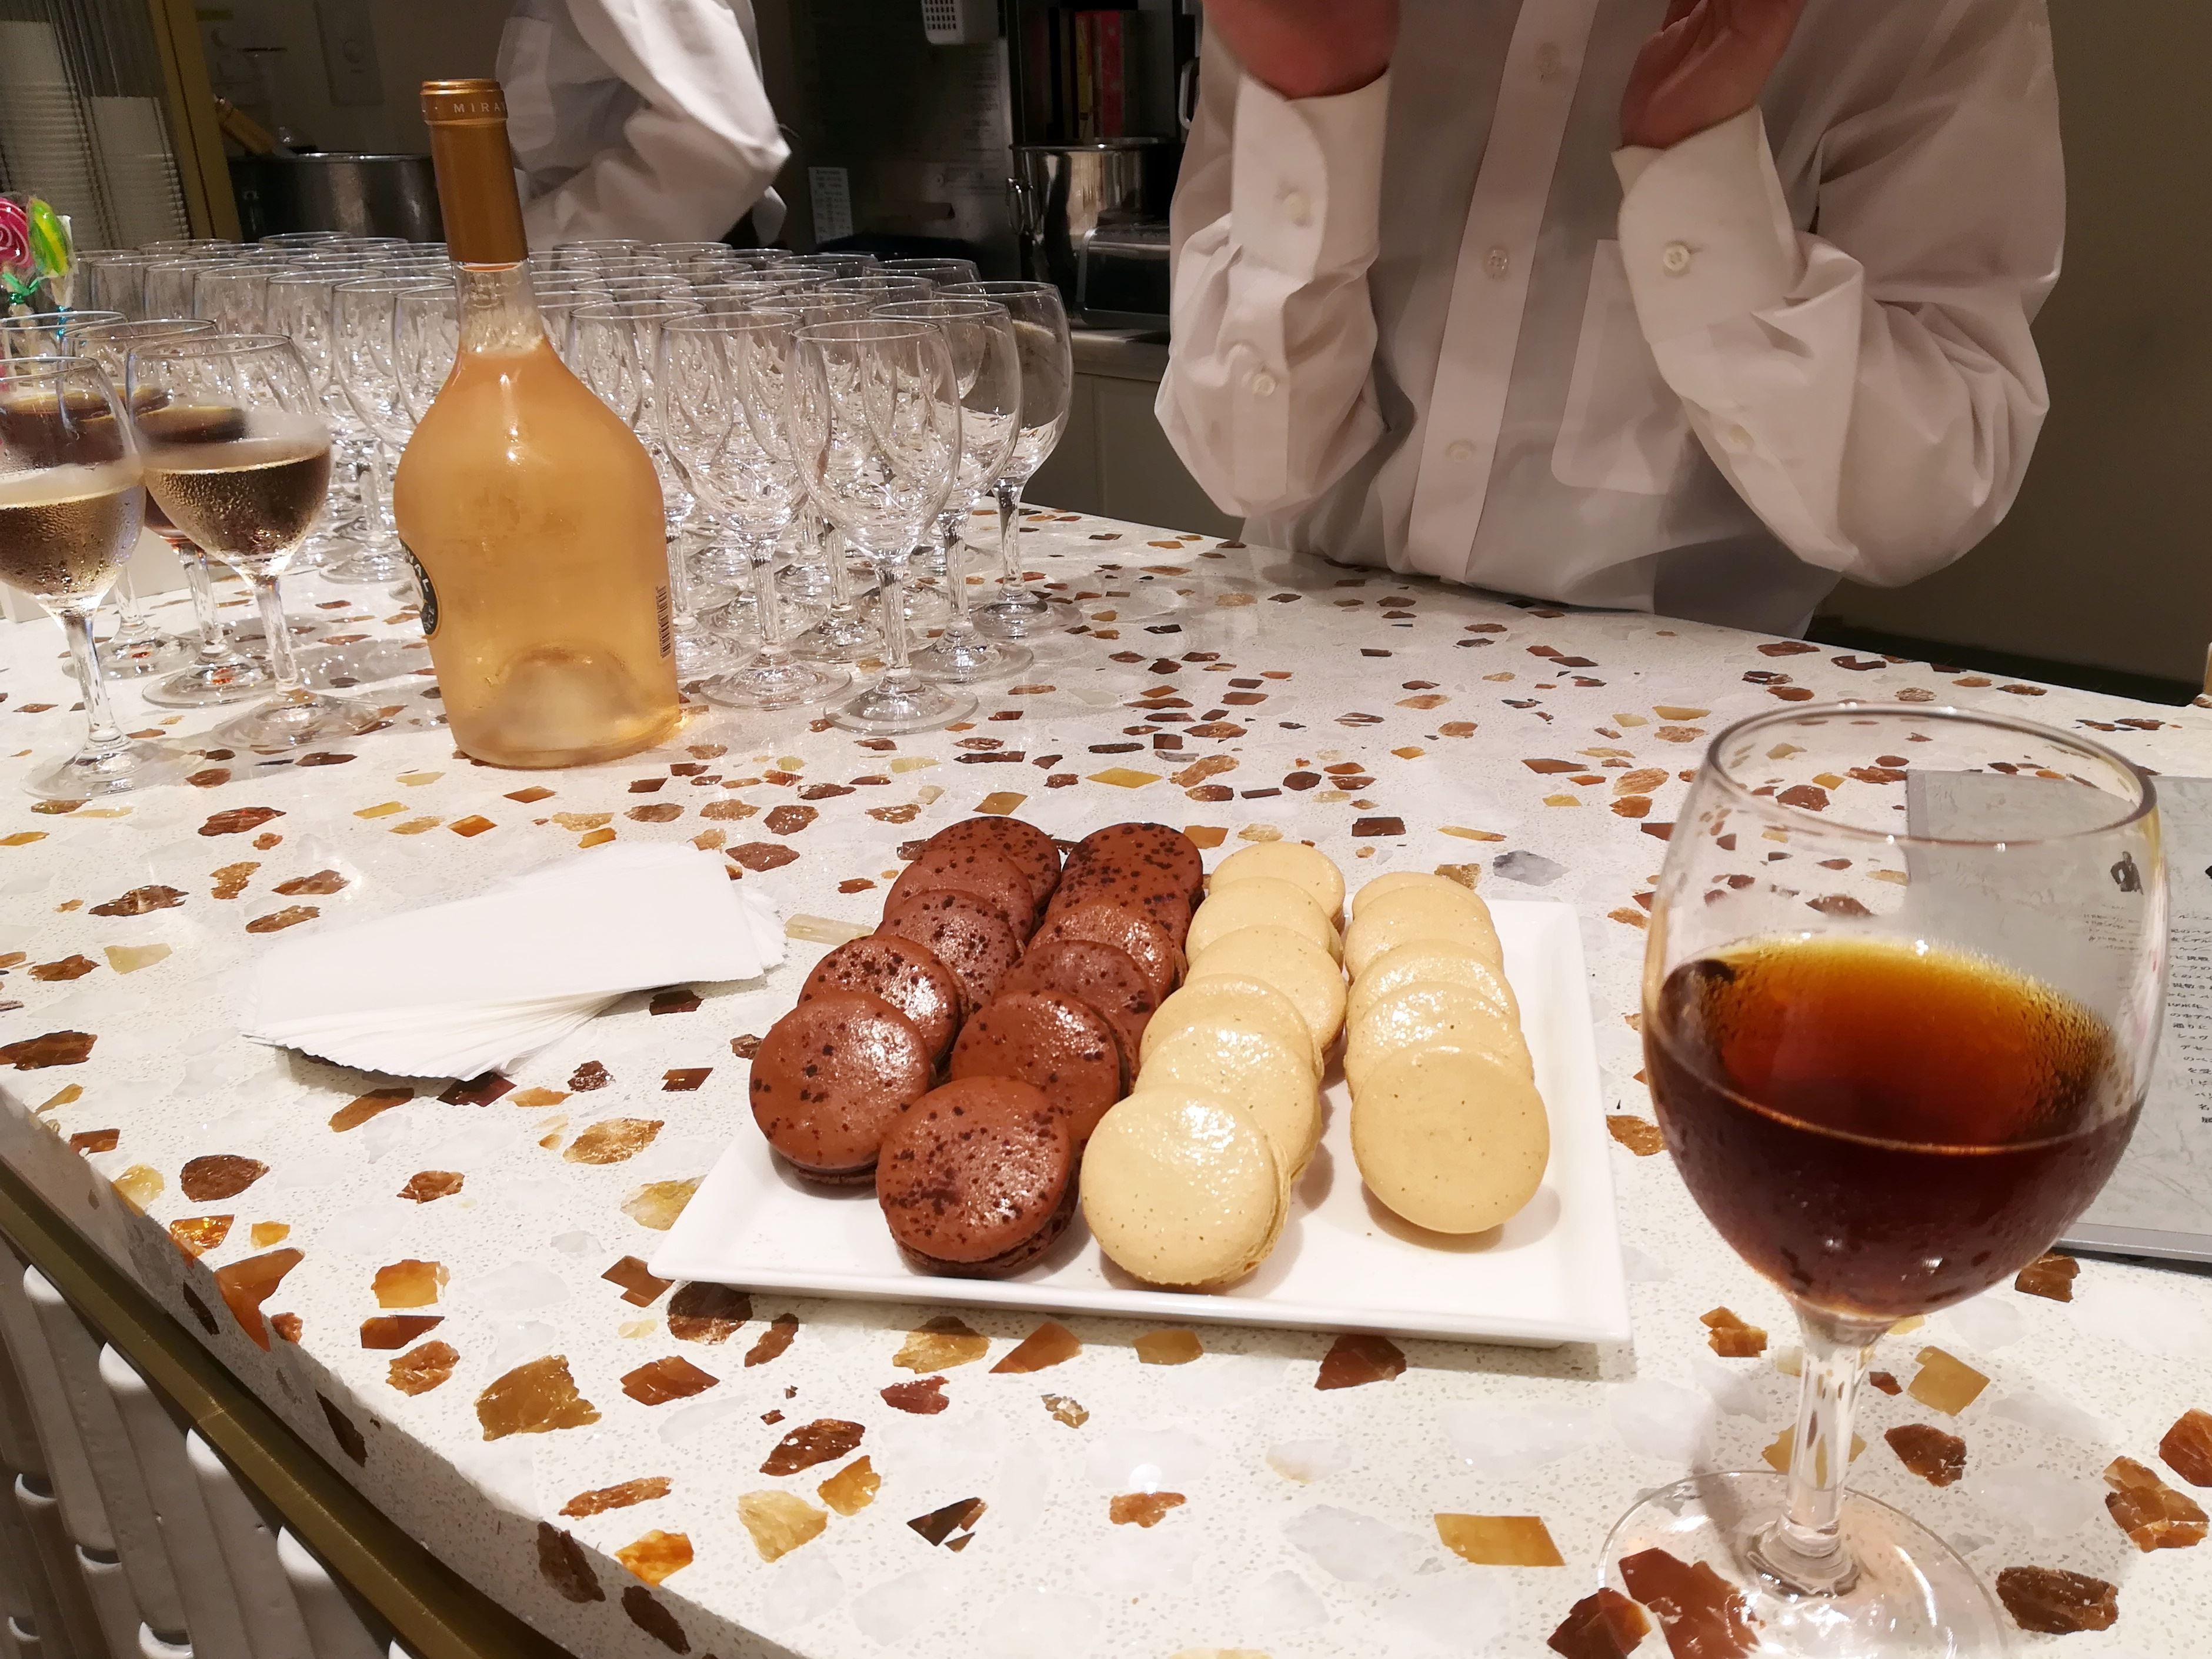 ロクシタン渋谷店 ブーケ・ド・プロヴァンス プレオープンパーティの飲み物とマカロン